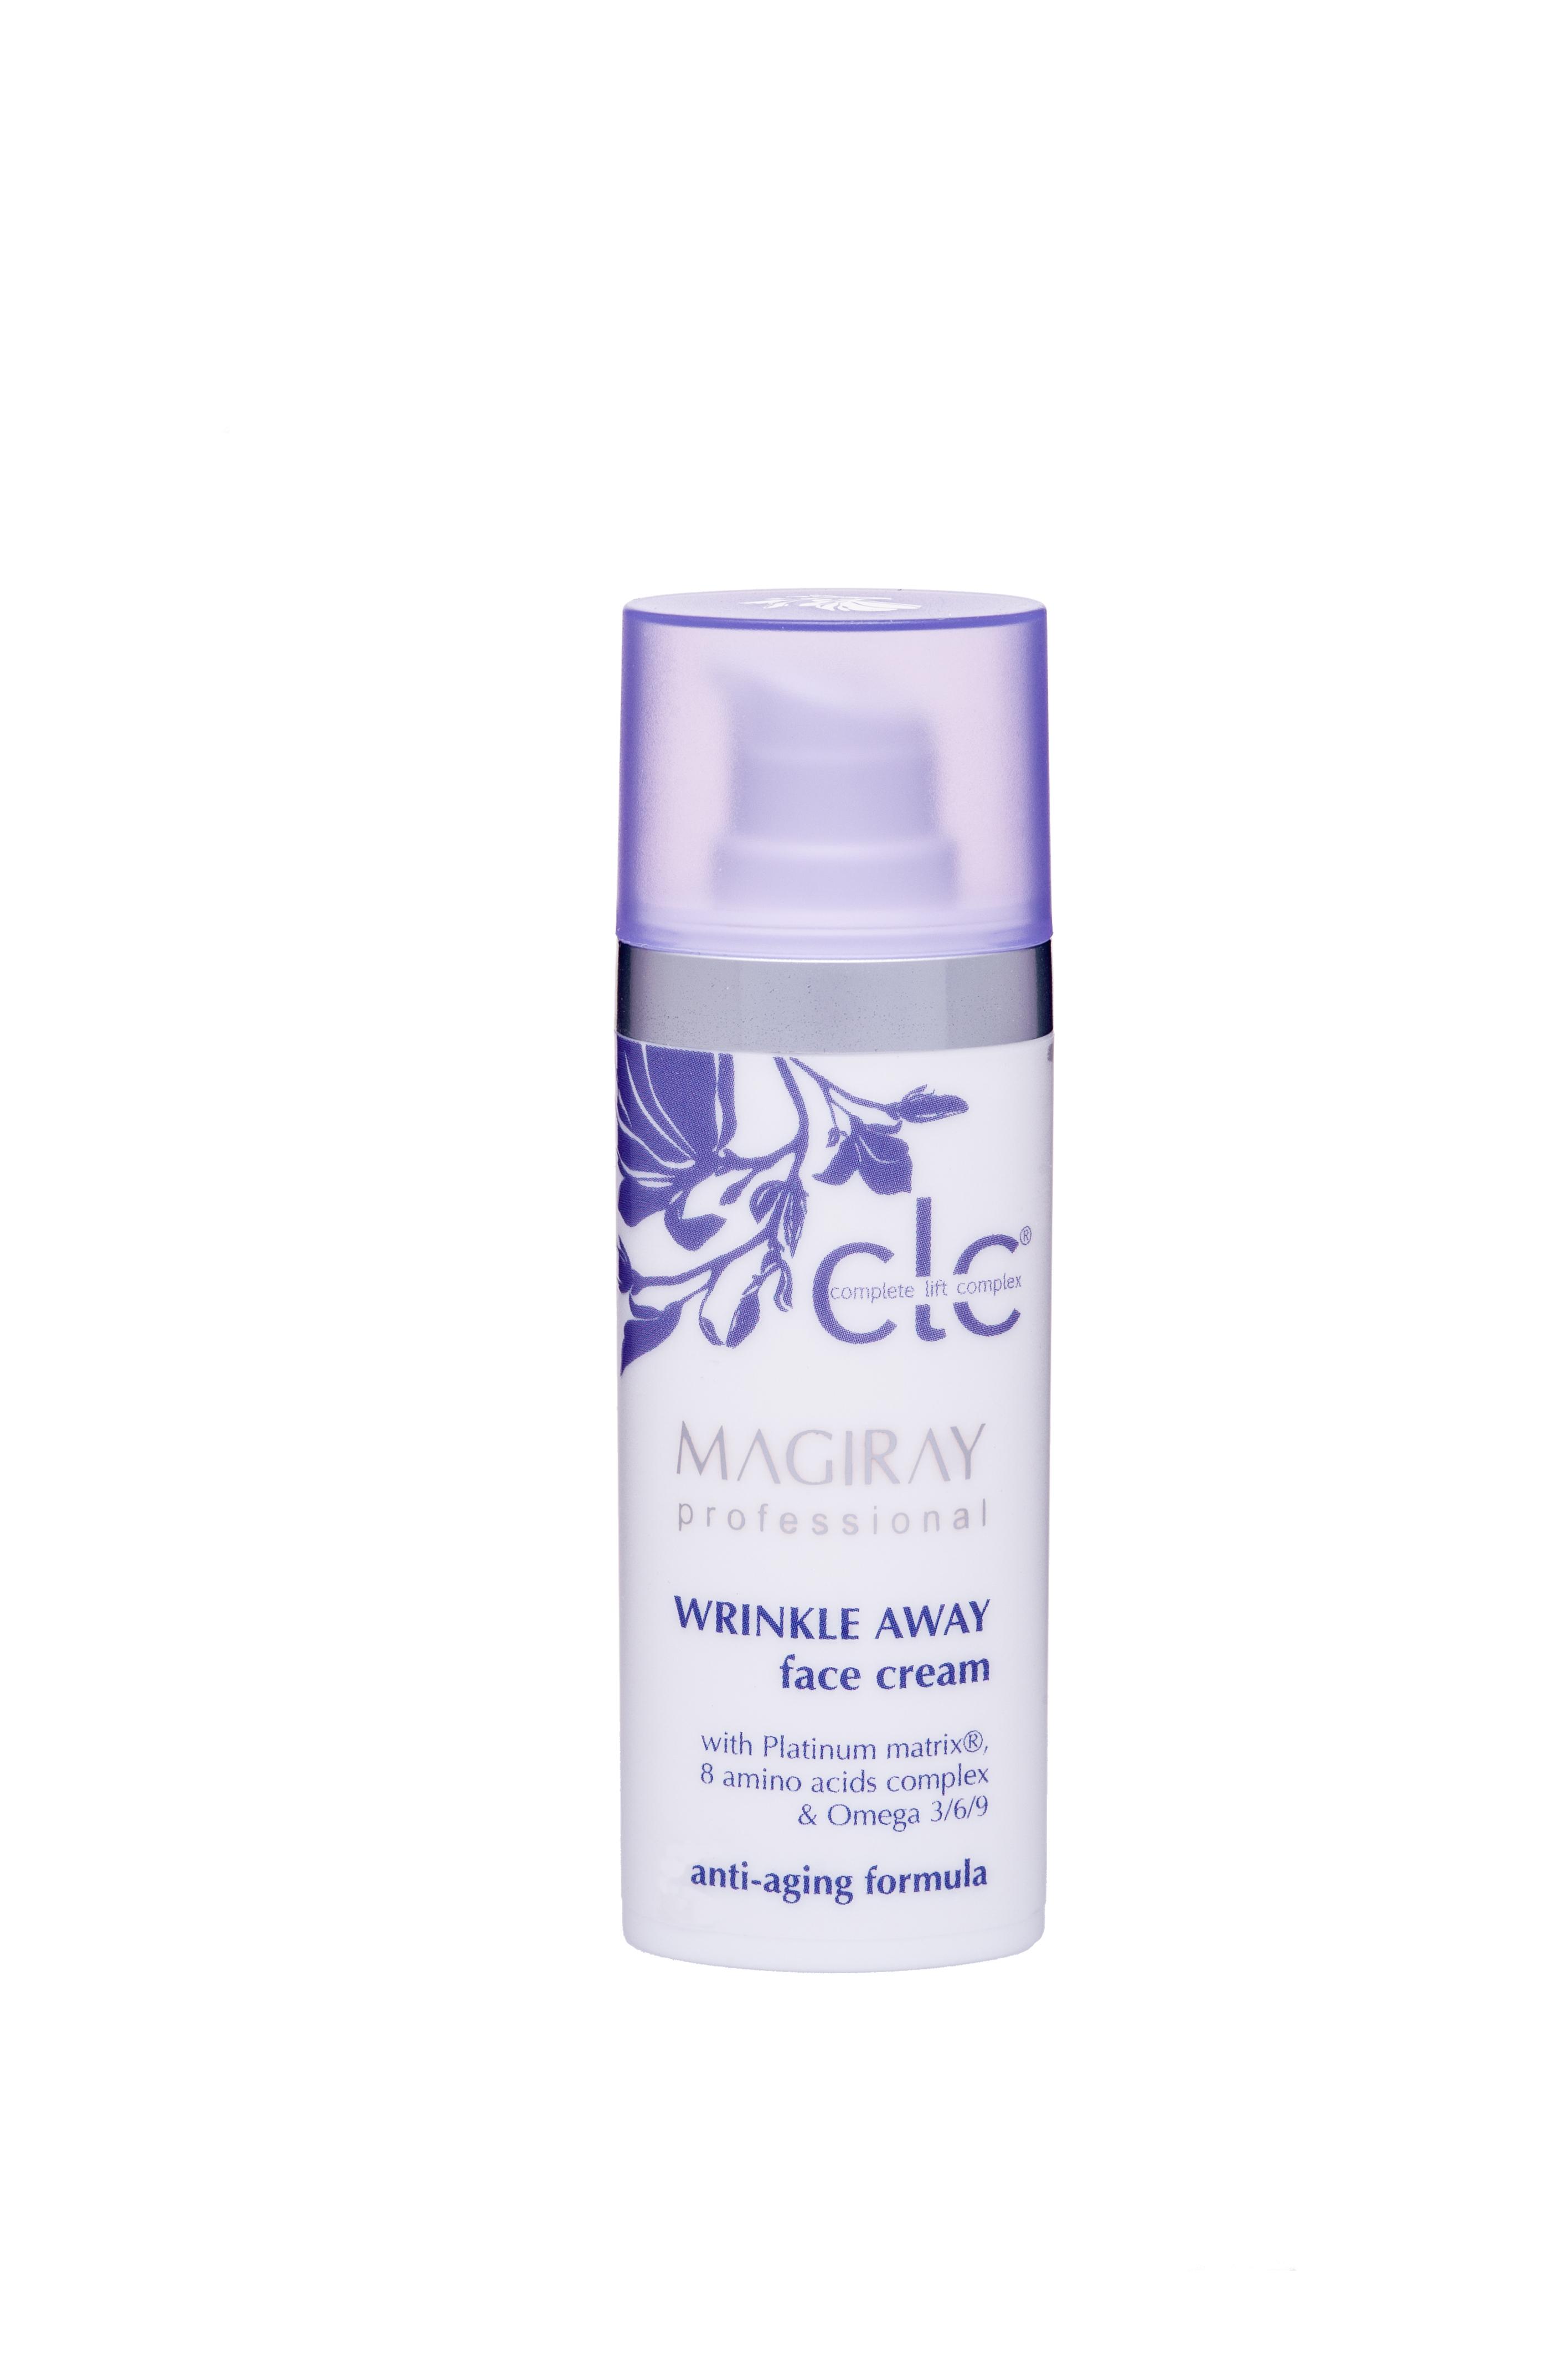 wrinkle away קרם הזנה אנטי איג'ינג לעור בוגר 219שח של מאג'יריי cream